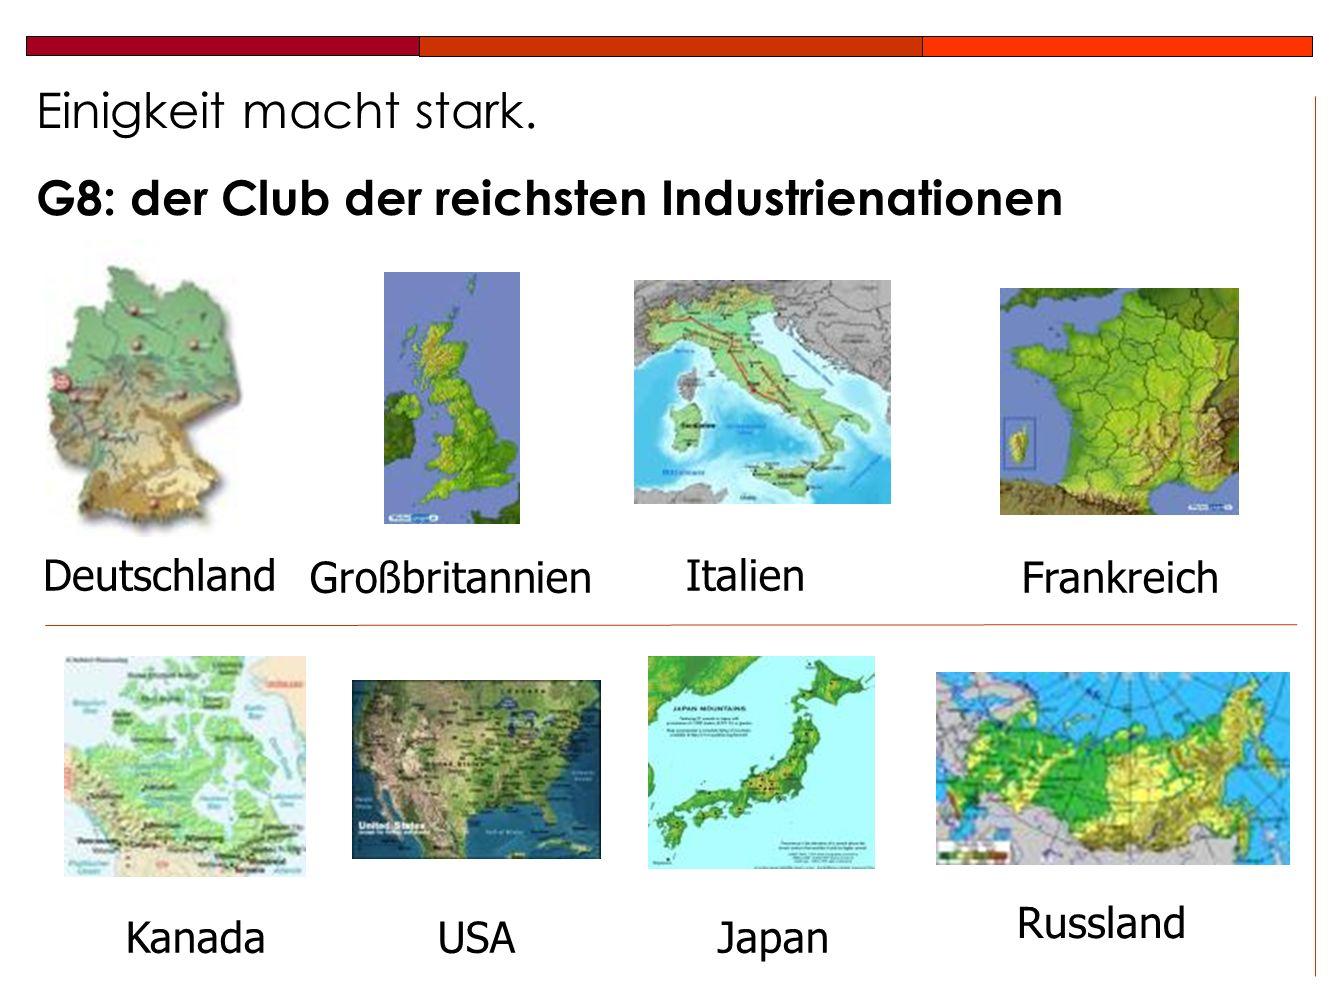 Heiligendamm 2007: G8 versenken?